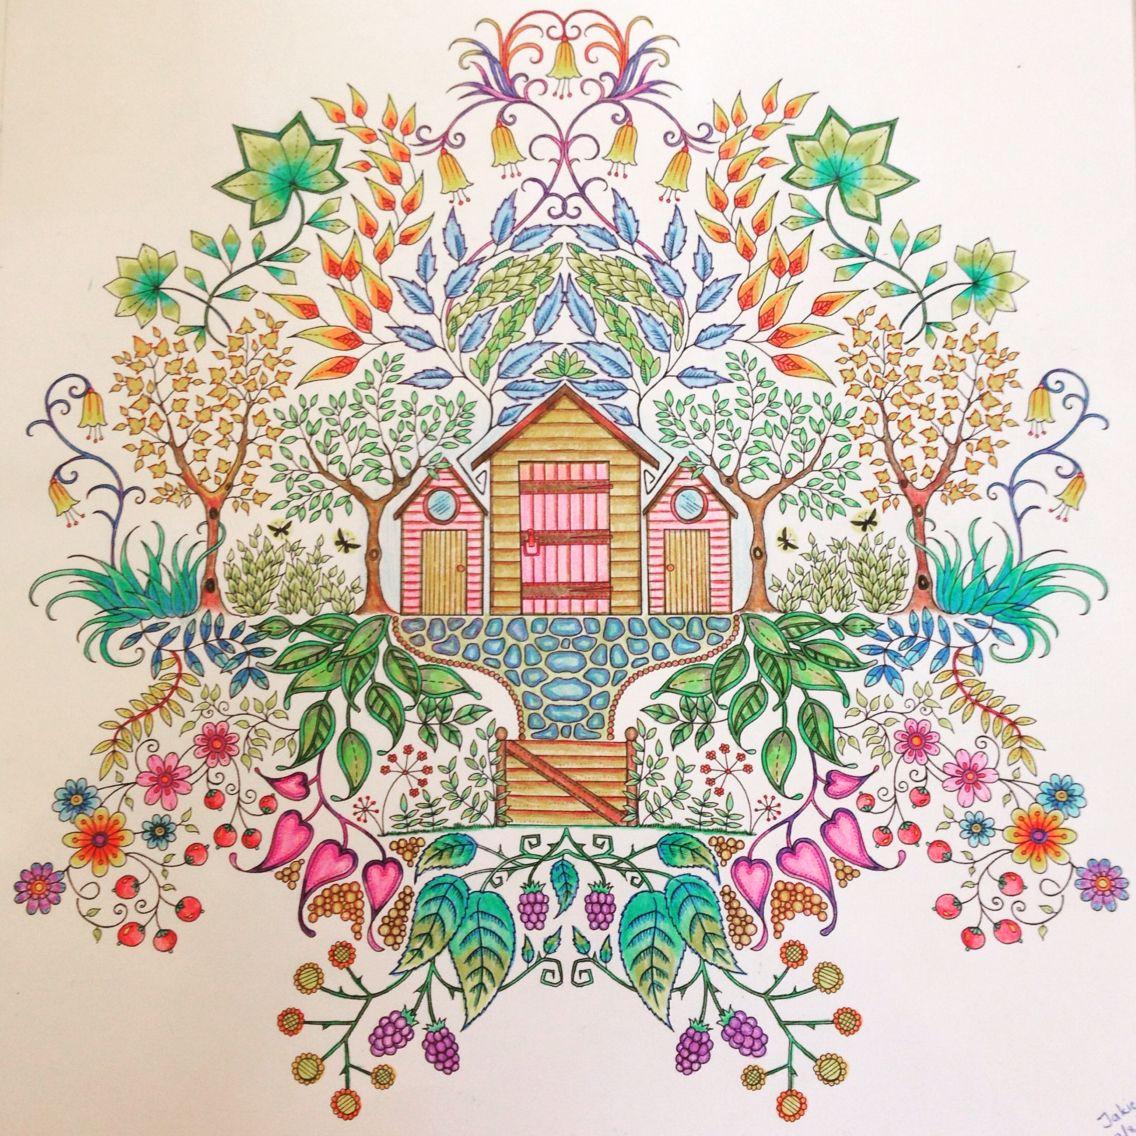 таинственный сад бэсфорд картинки тедди форме